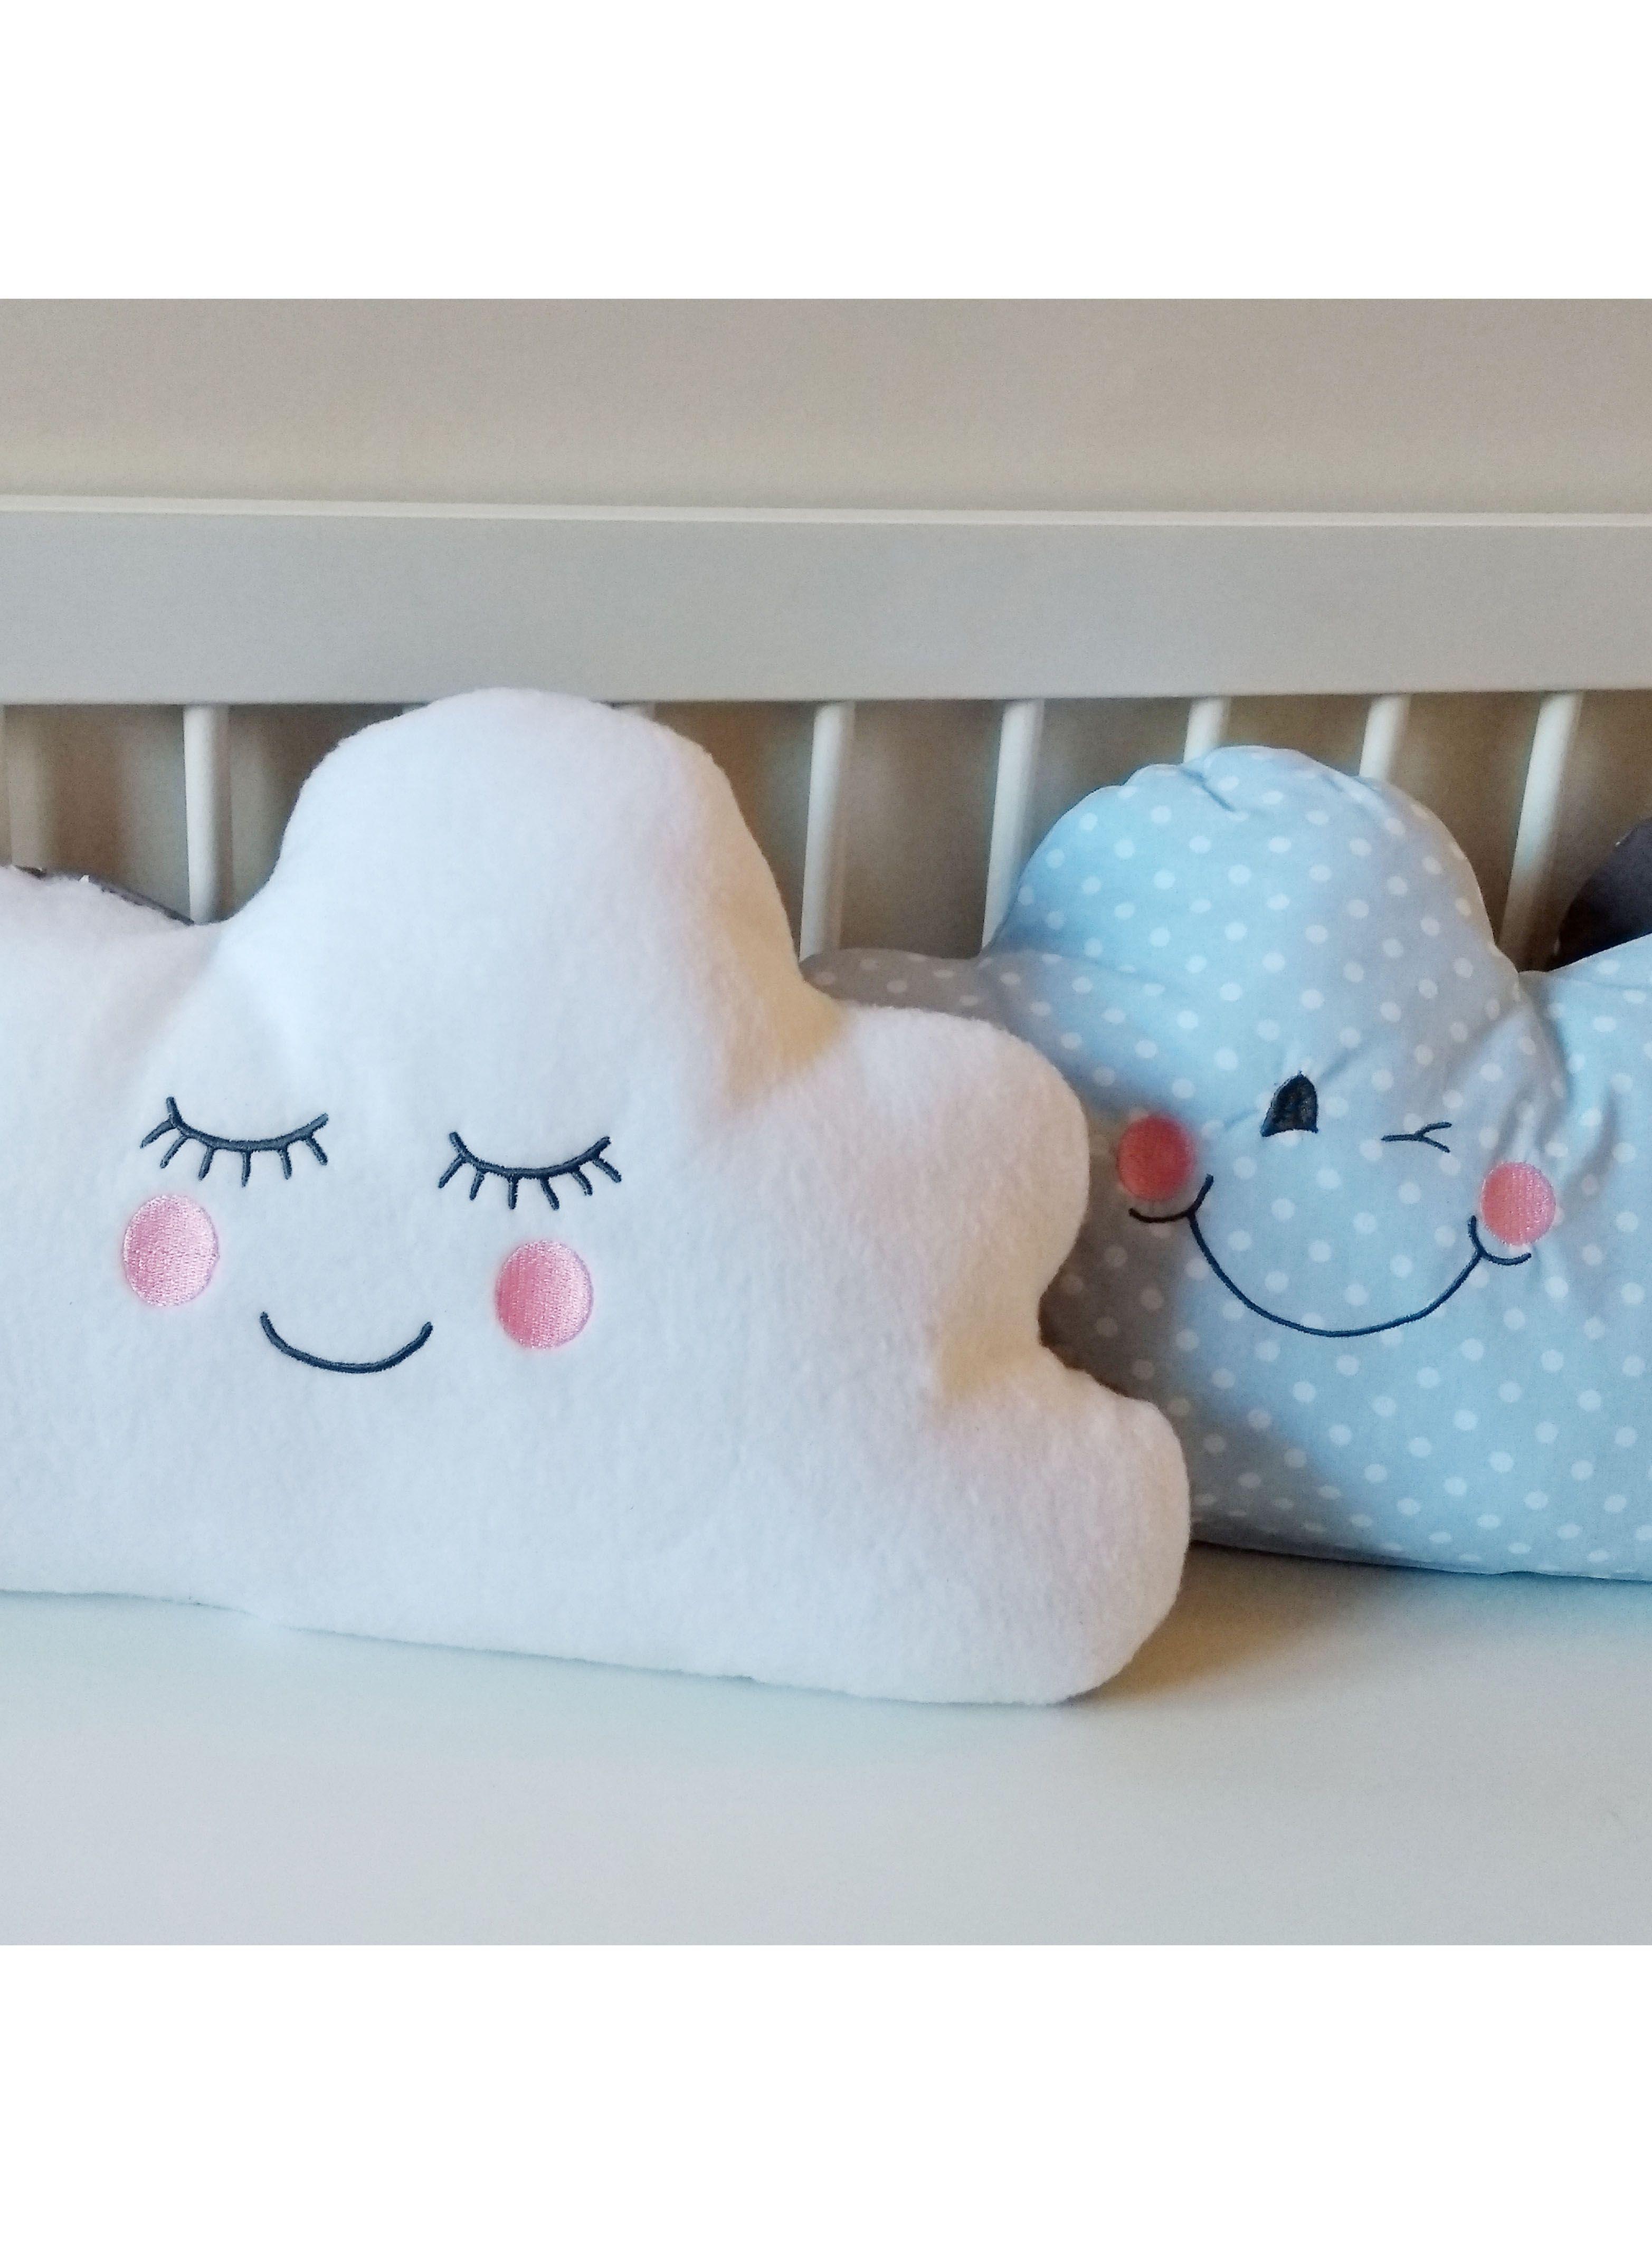 Wolkenkissen Sleepy Kuschelkissen Viele Farben Wolke Kissen Weich